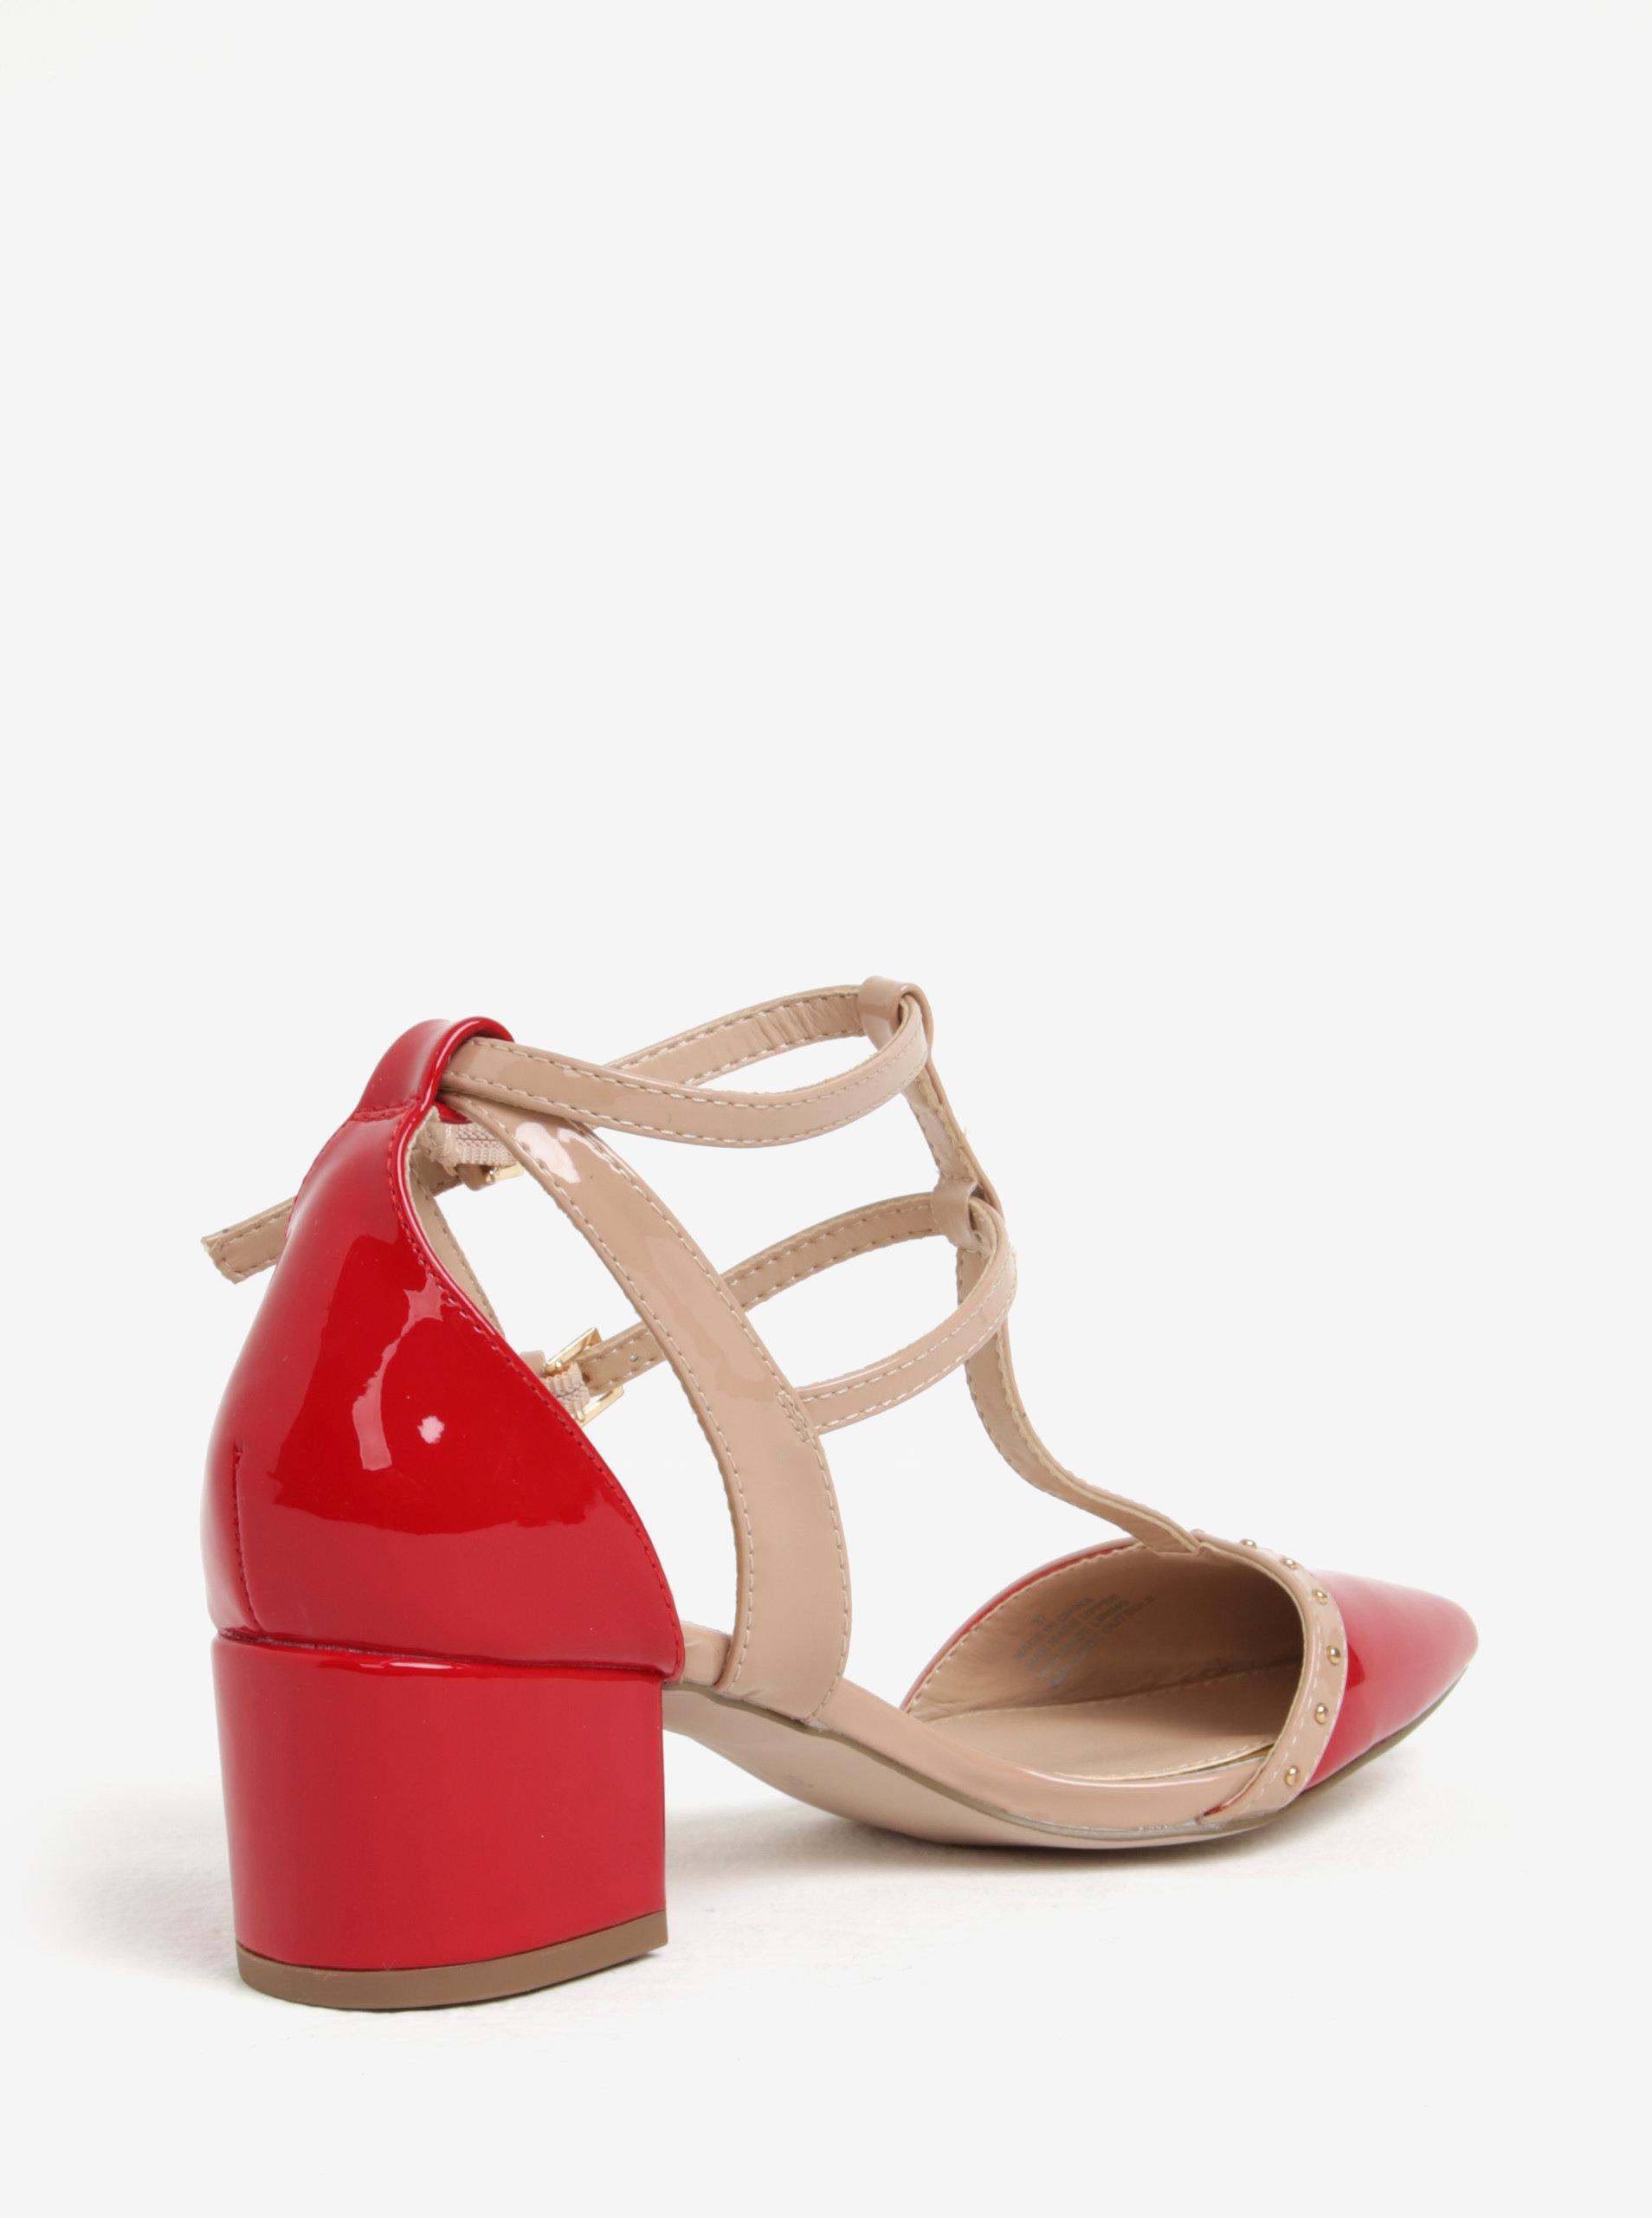 5c4d7826ef17 Ružovo-červené sandále na podpätku Miss KG Averie ...